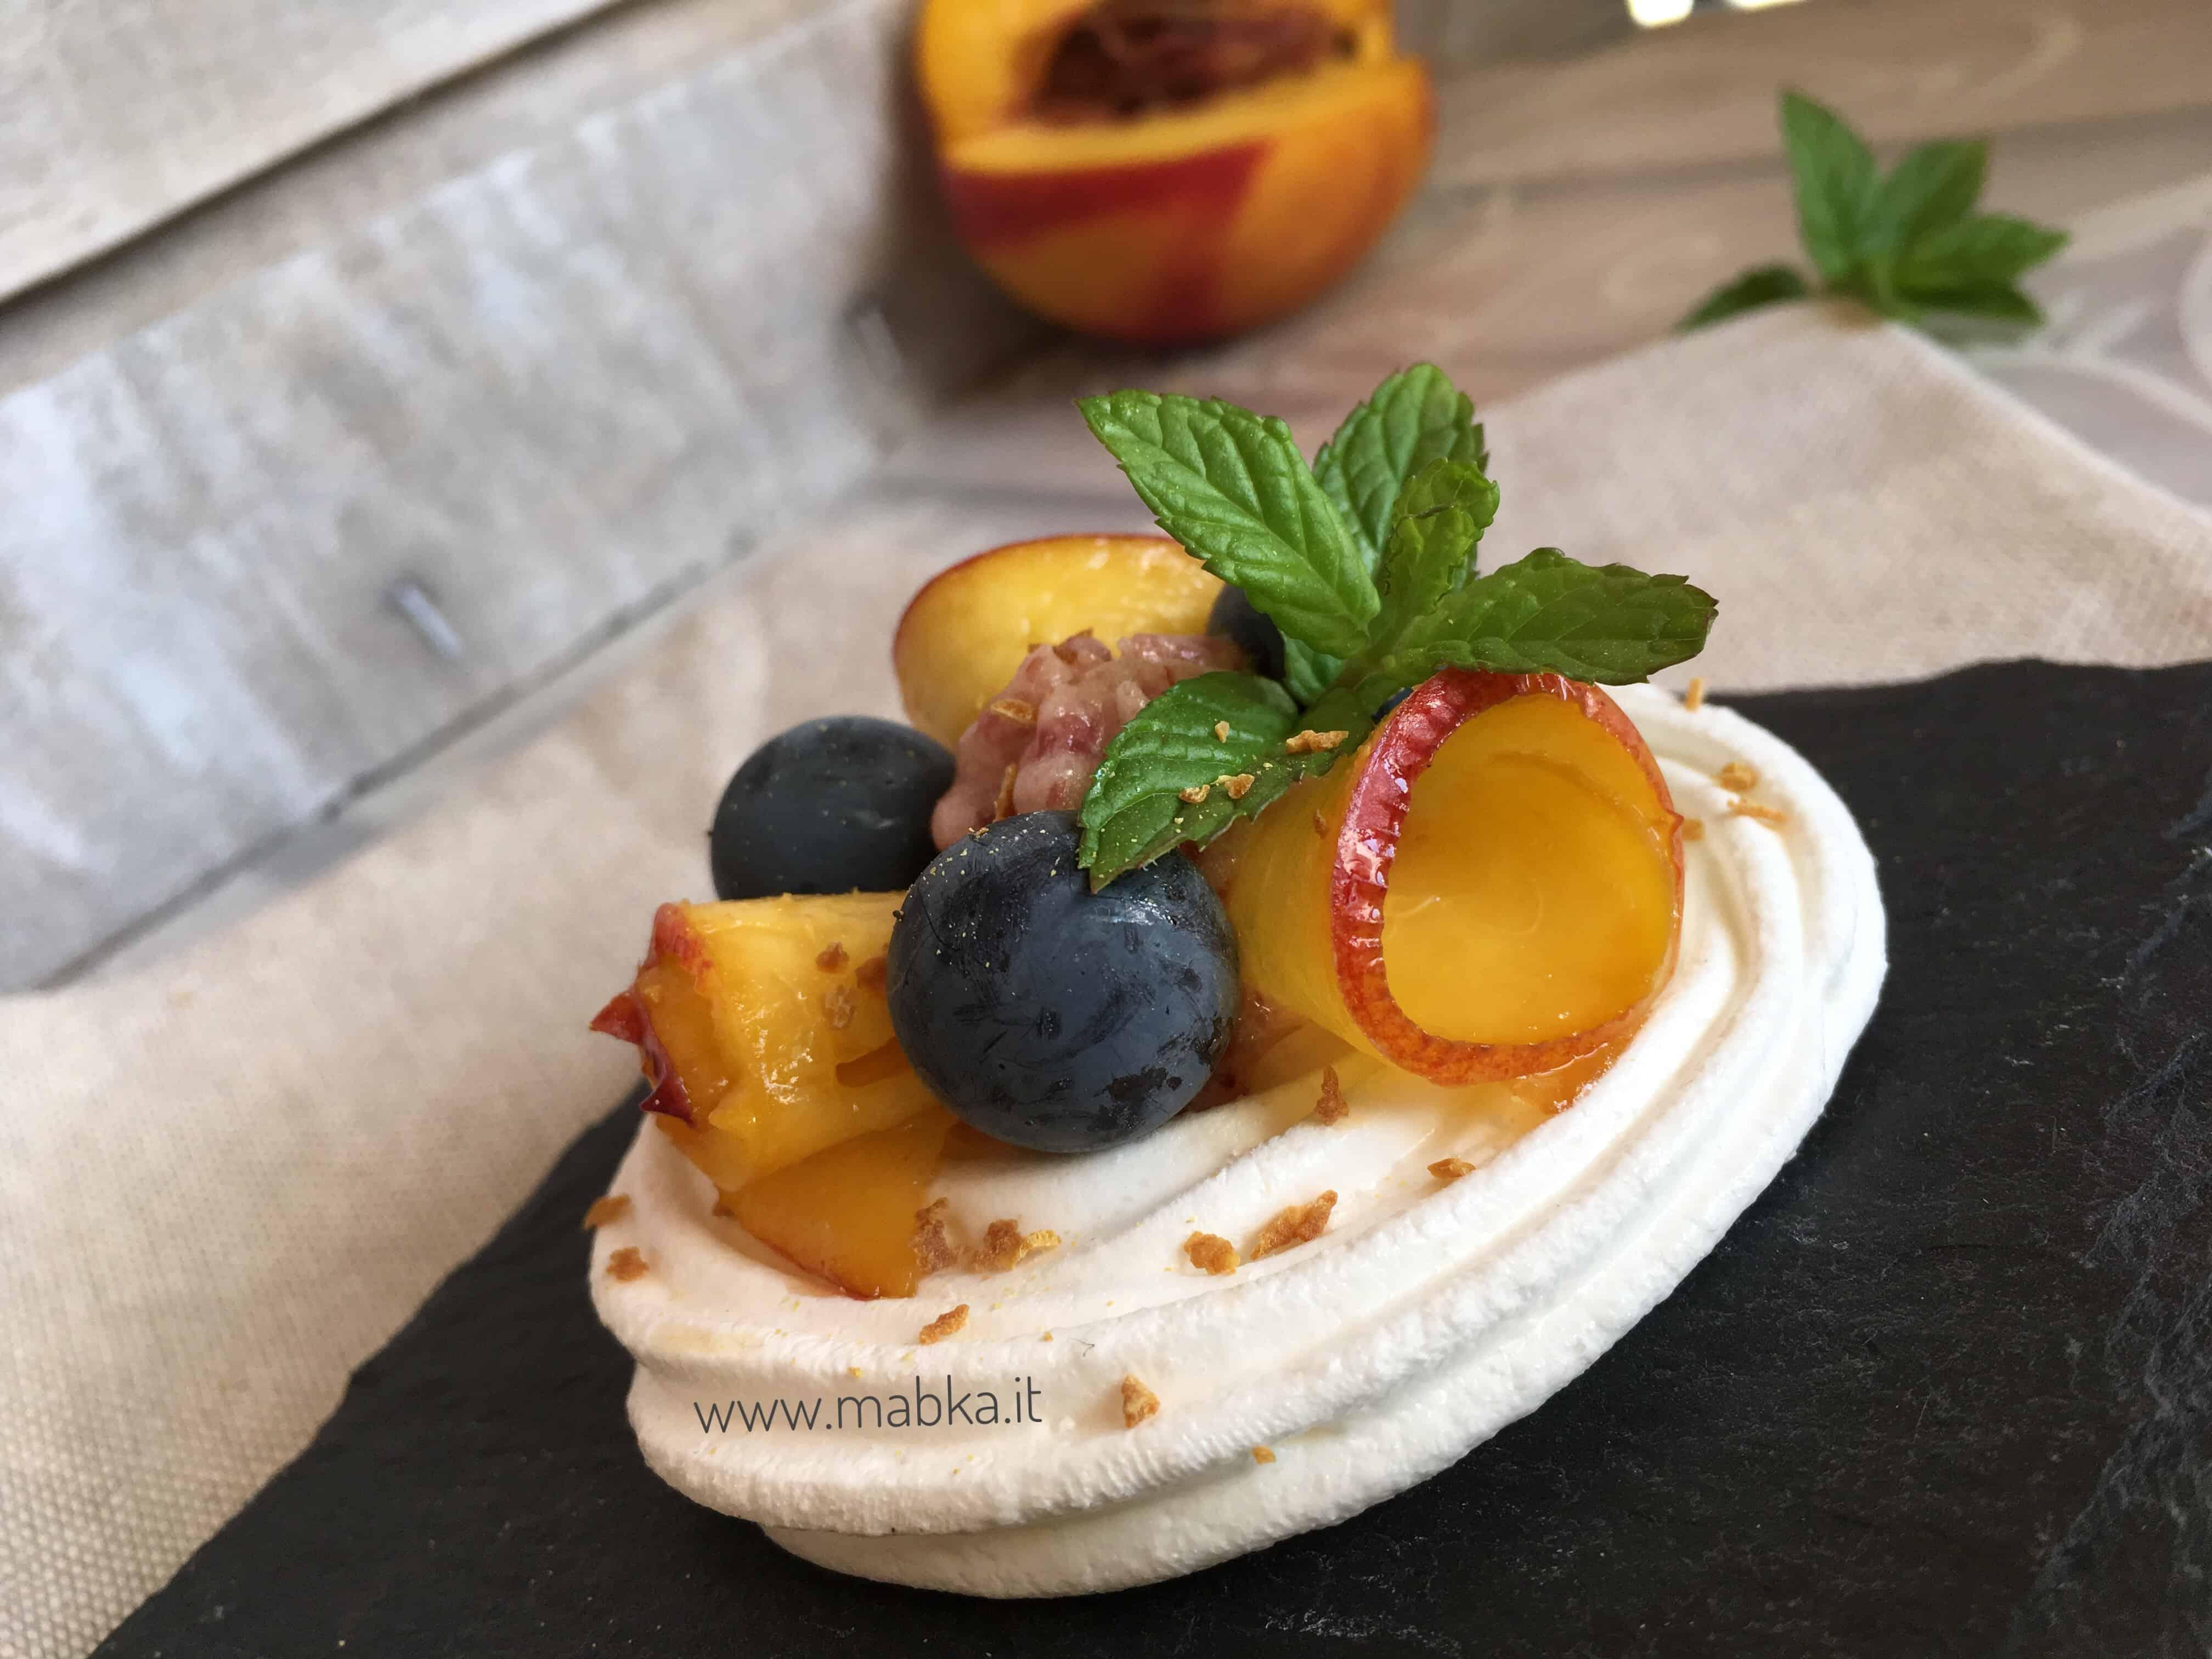 Meringa con frutta senza lattosio